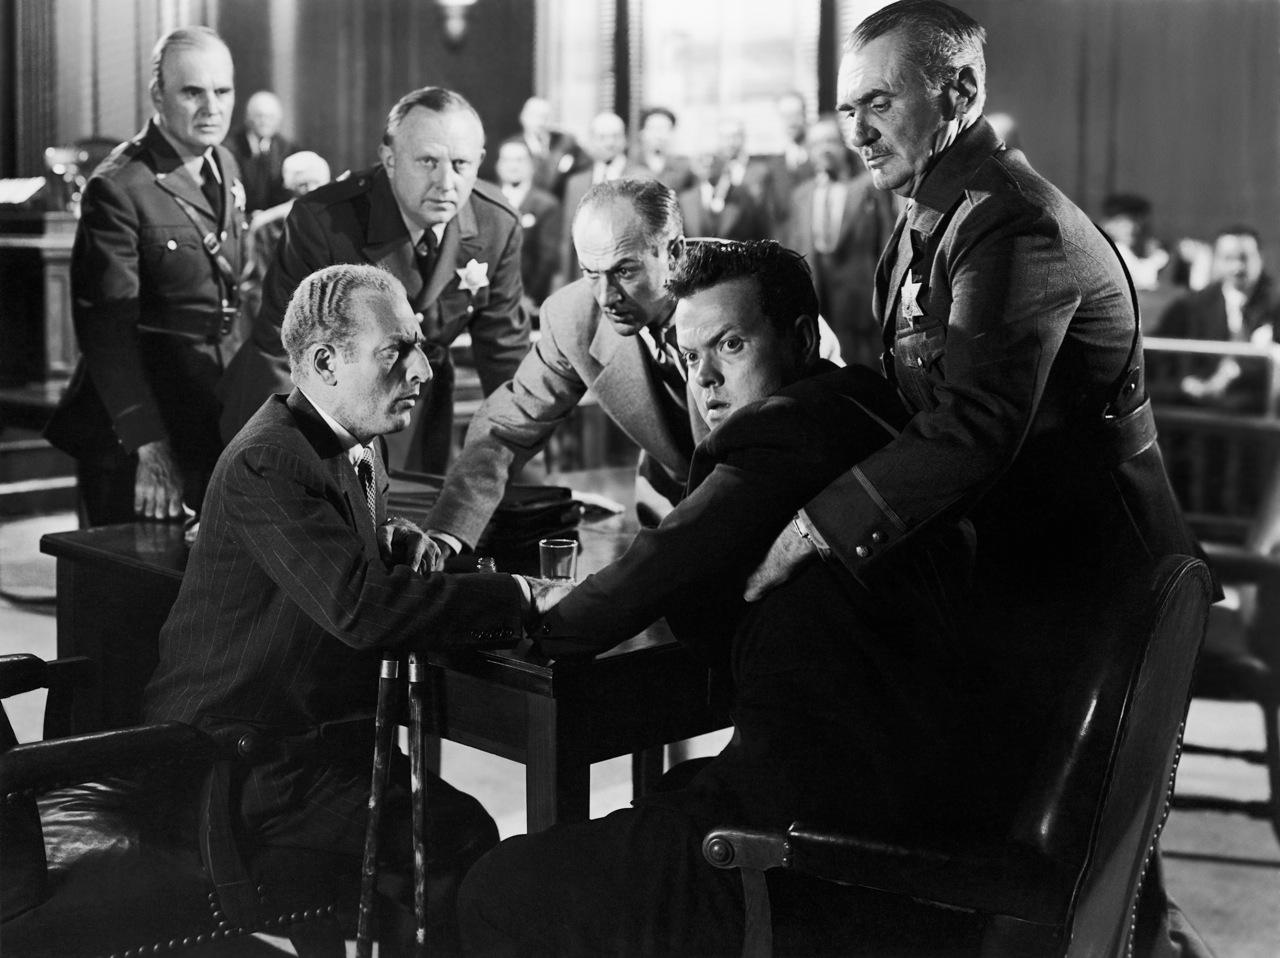 Everett Sloane et Orson Welles dans La Dame de Shanghai